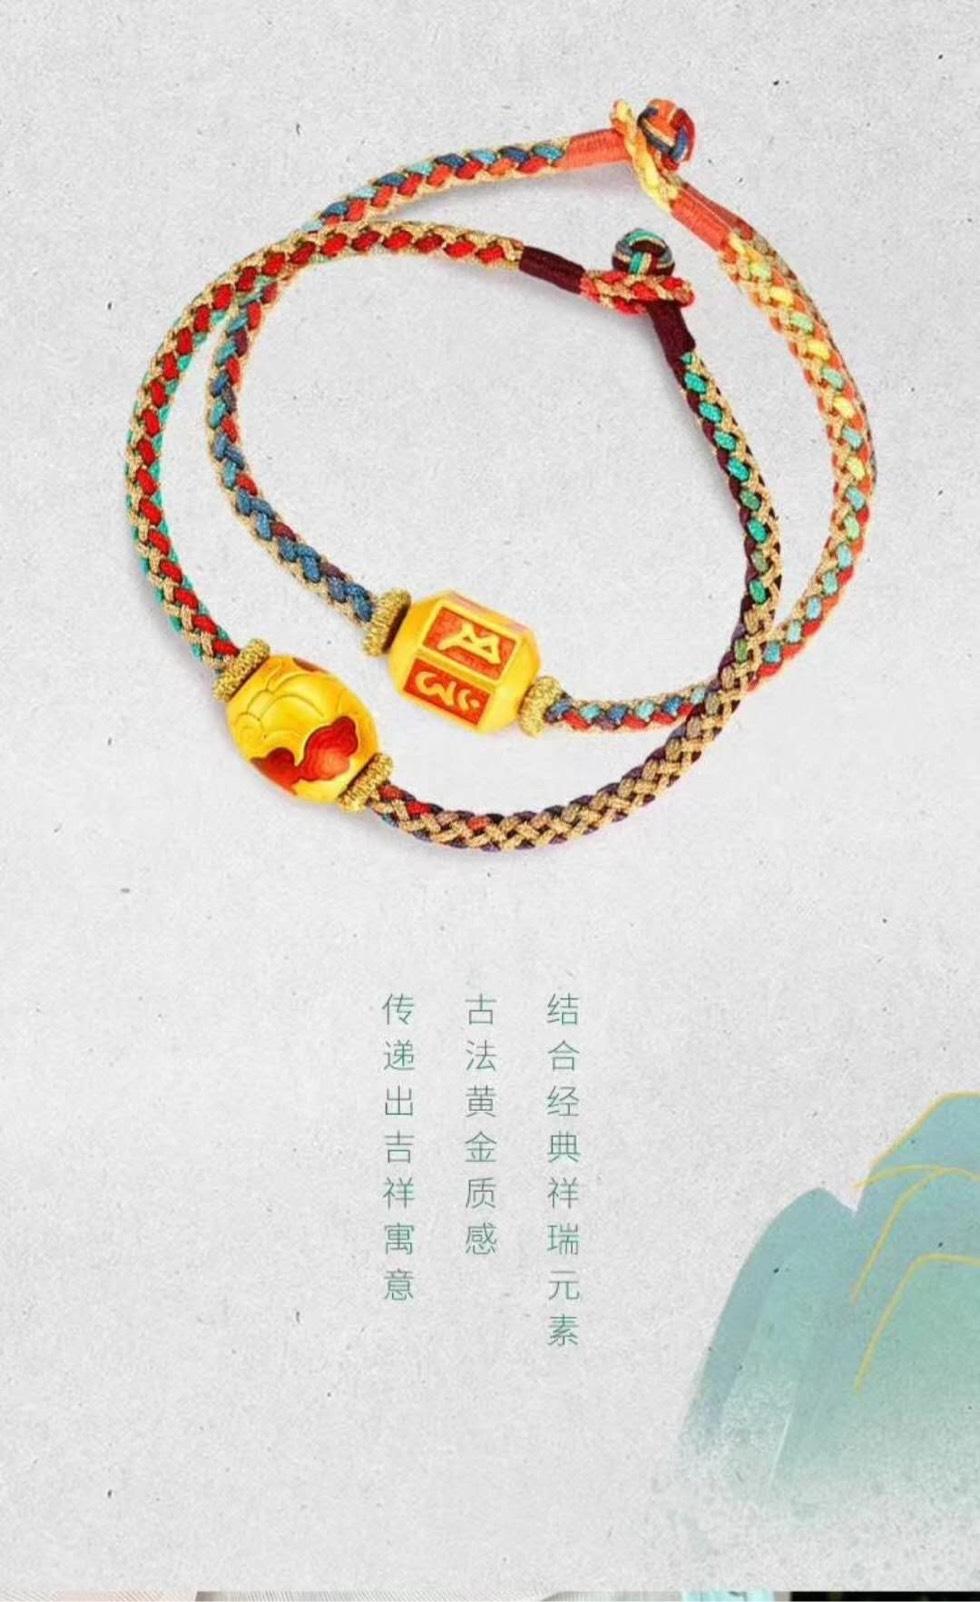 中国结论坛 请问大家,图片中的手绳怎么编  结艺互助区 102205xx9s9v89sjh5hgx1